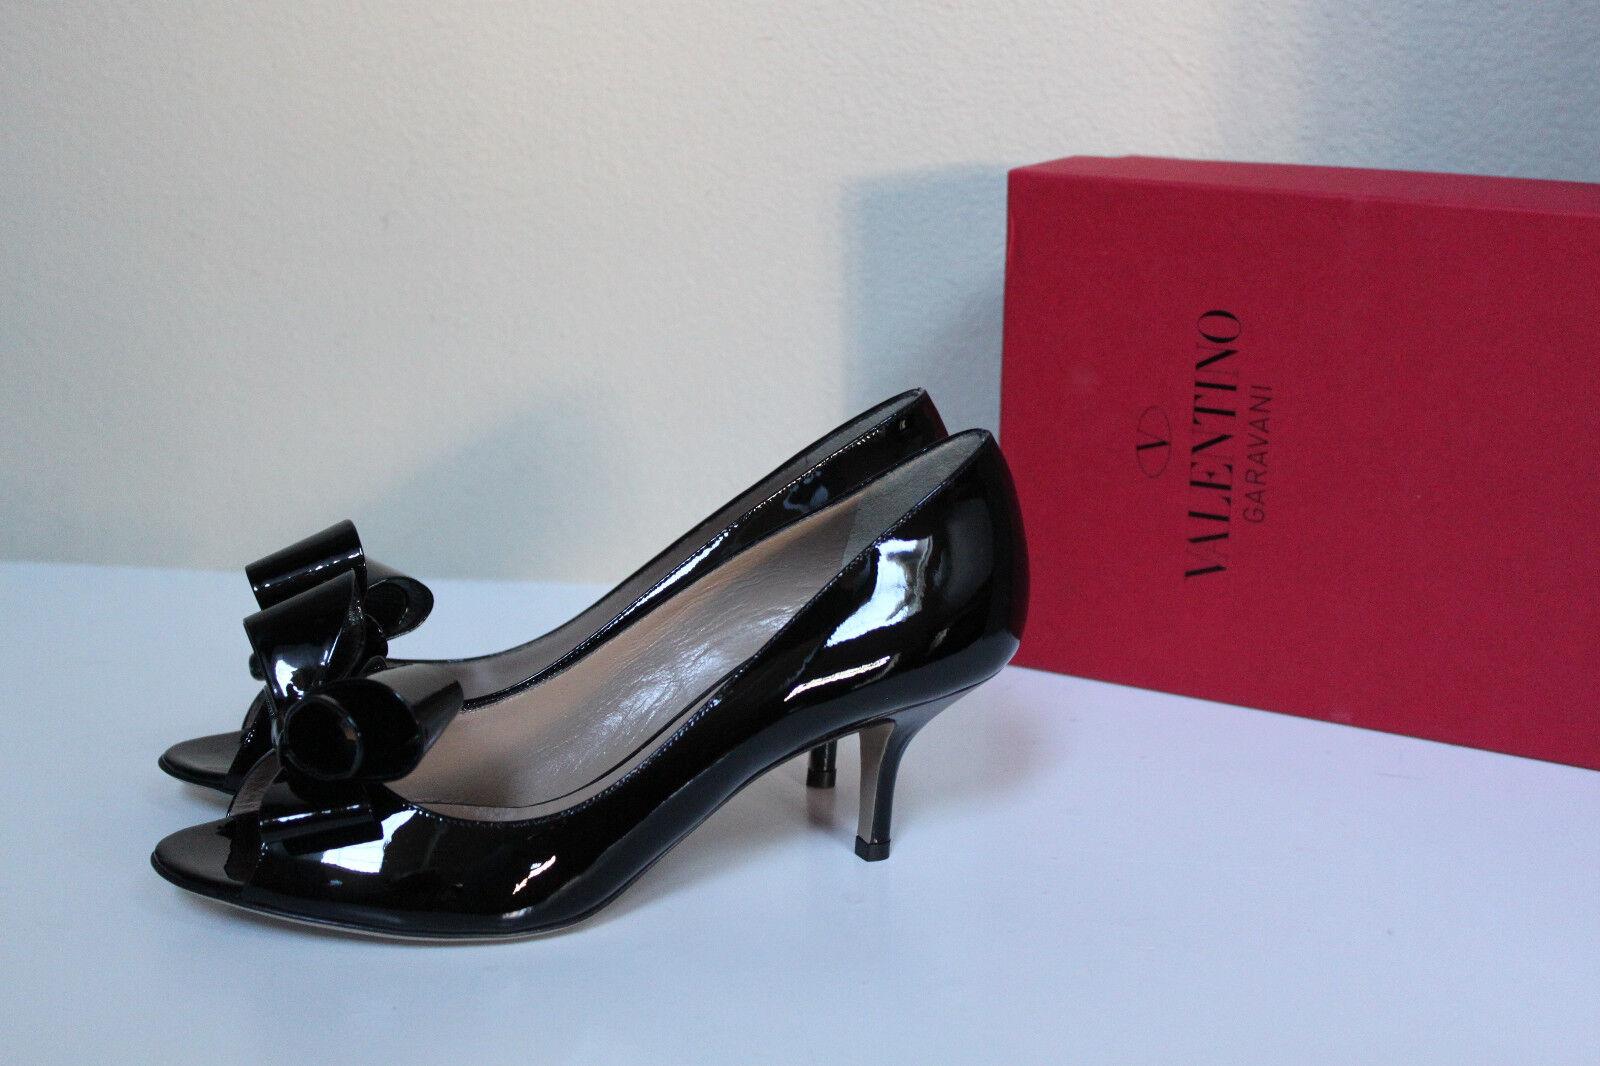 consegna veloce e spedizione gratuita per tutti gli ordini New sz 6.5   36.5 Valentino Couture Bow nero nero nero Patent Leather Peep toe Pump scarpe  compra meglio